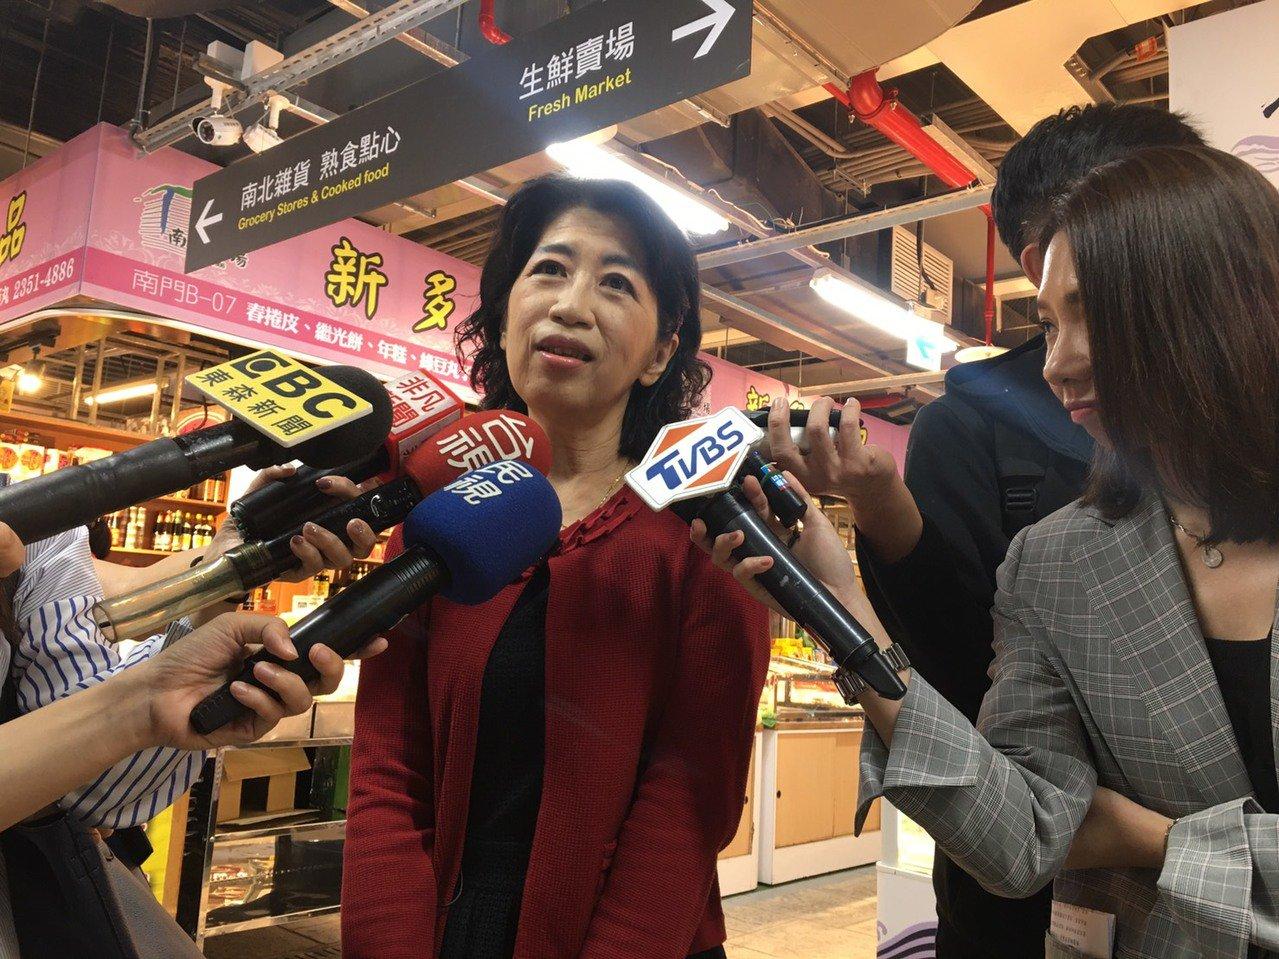 台北市長柯文哲的妻子陳佩琪,今晚在臉書發出長文,其中一段是譏諷民進黨不分區名單是...